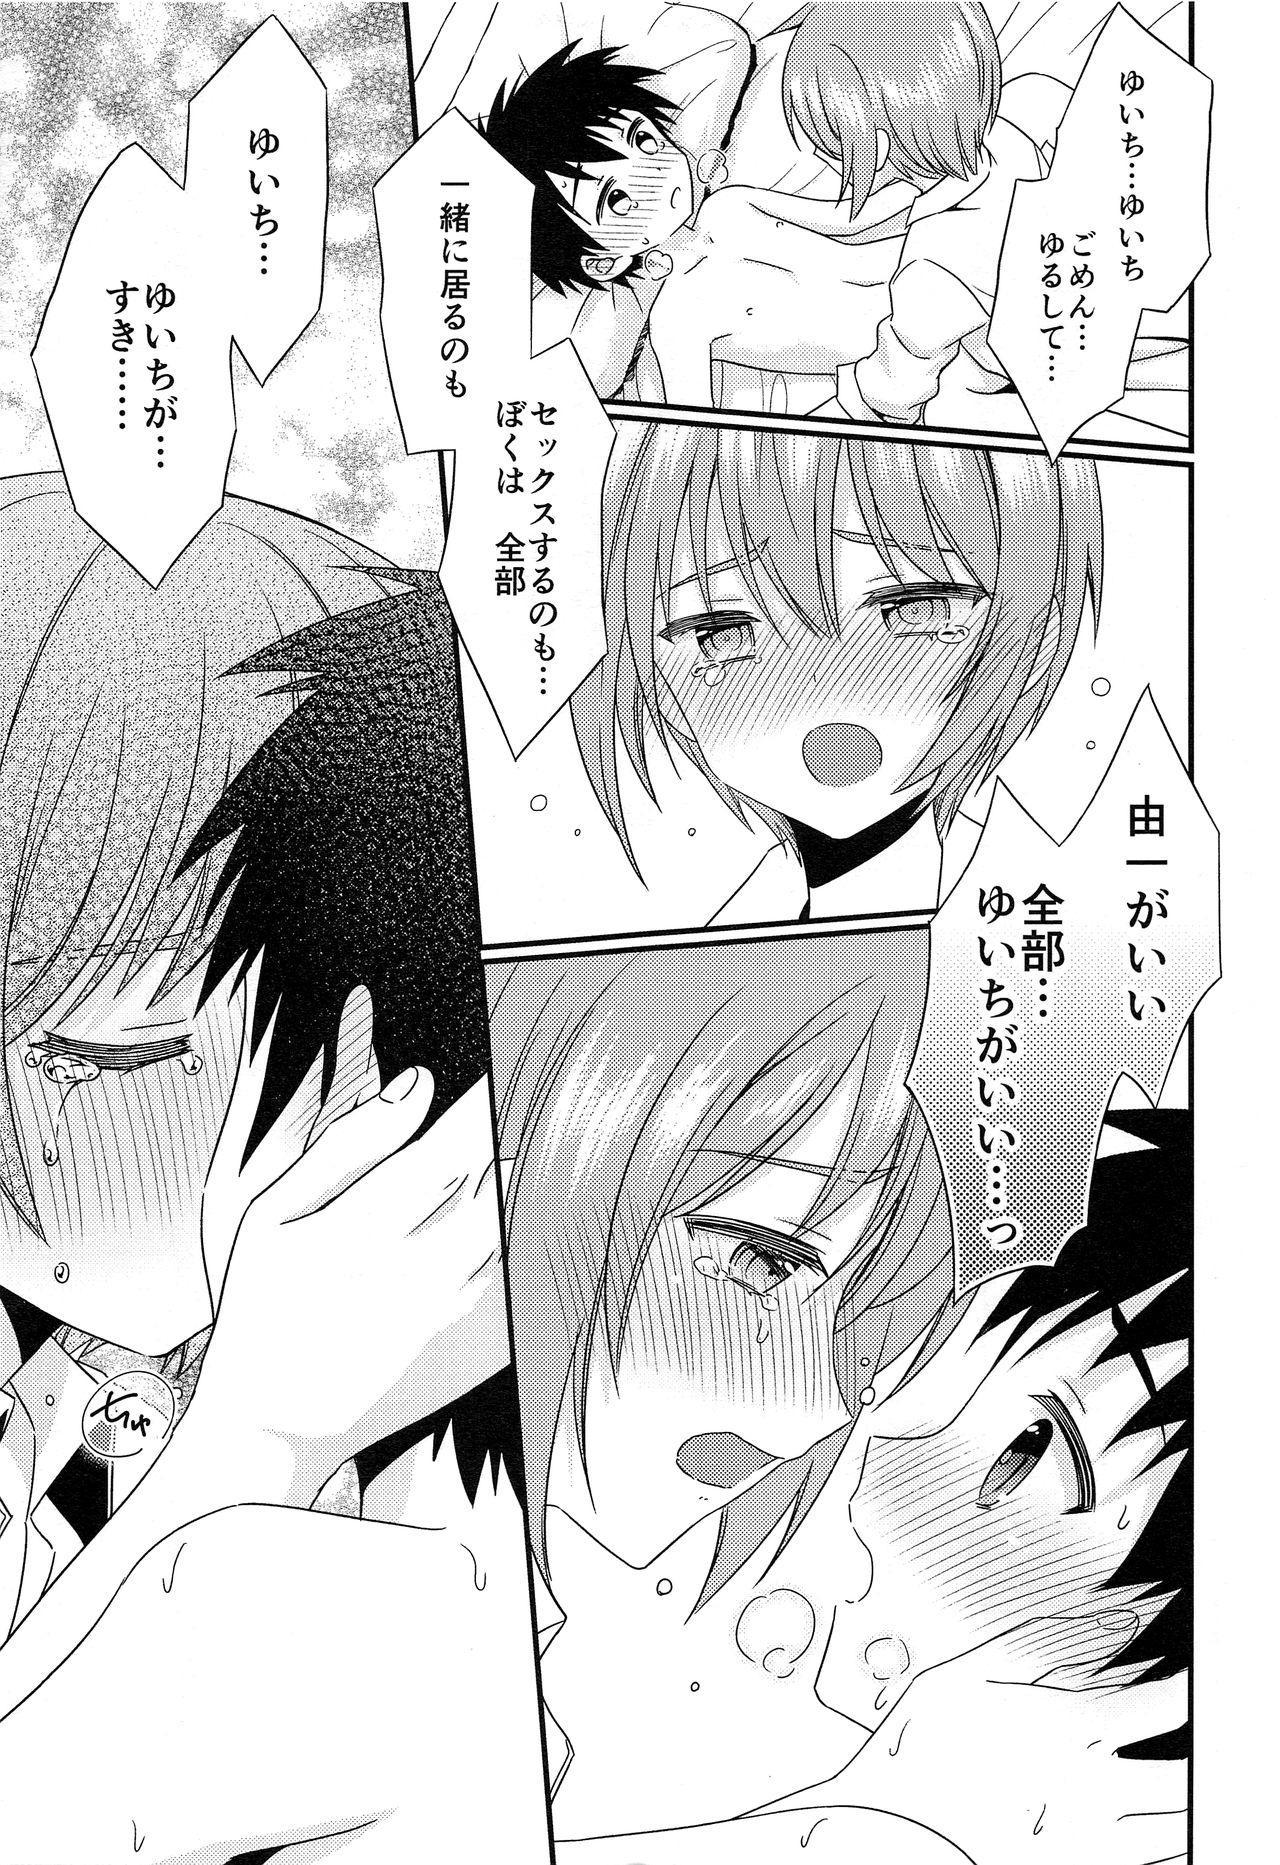 Yuujou no Hate ni Kimi to Sex shita 35